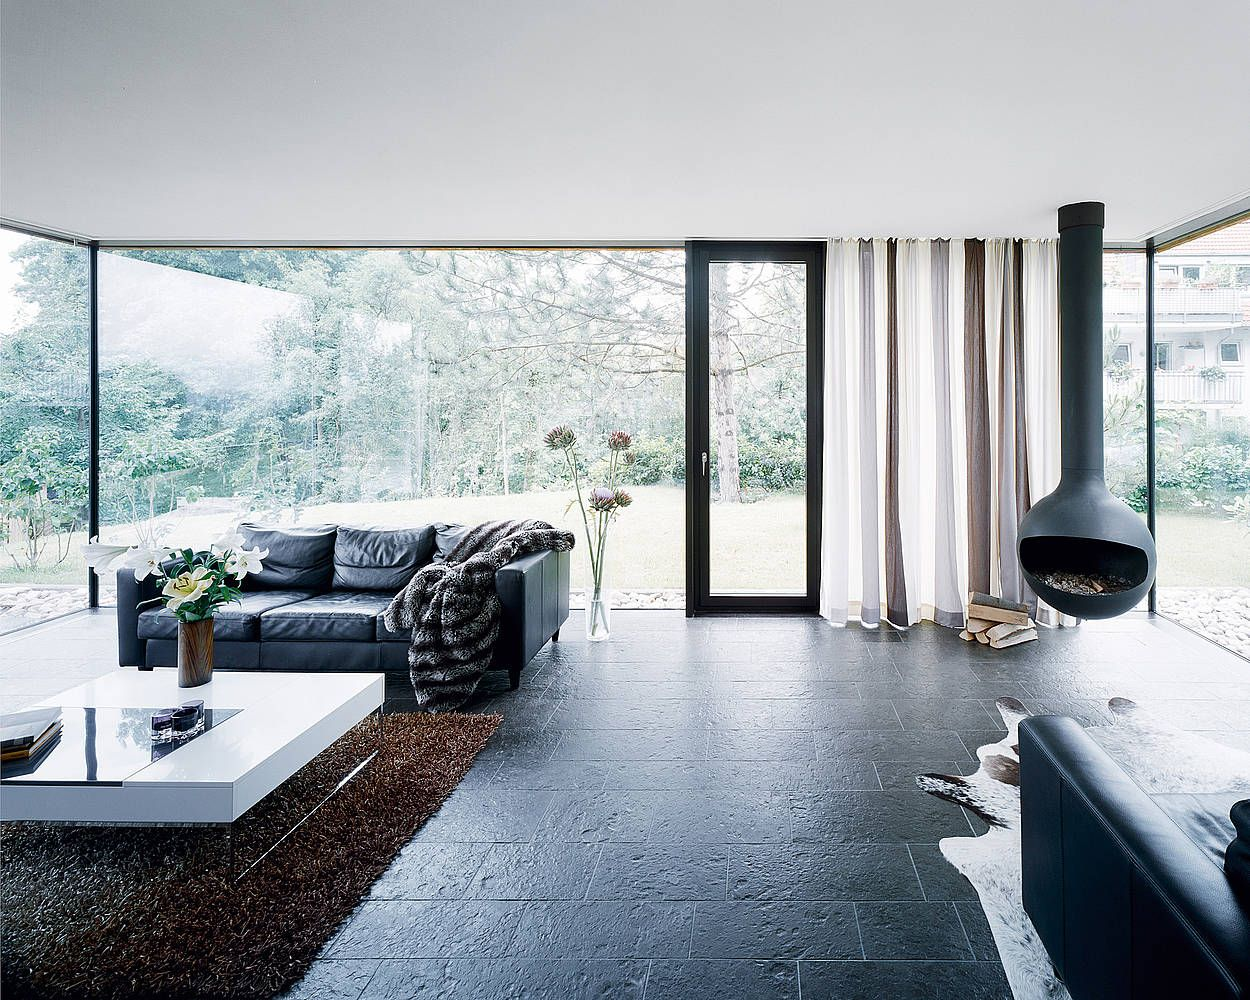 Doppelflügeltür Wohnzimmer ~ Wohnzimmer und kaminzimmer mit umlaufender glasfront living